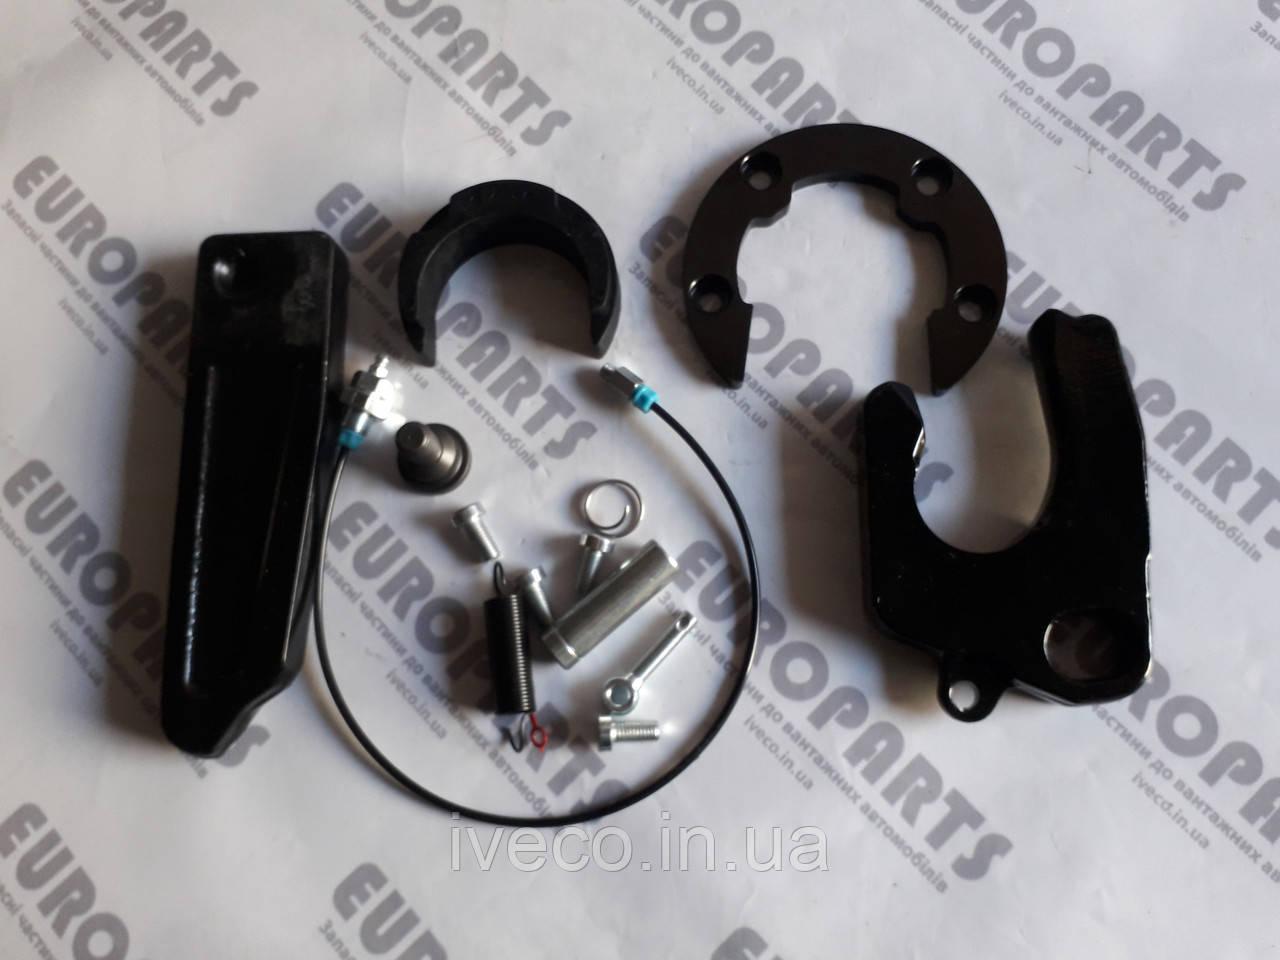 SKE001640020 ремкомплект седла сцепного устройства 4 болта Jost JSK 42 40 37CW с клином